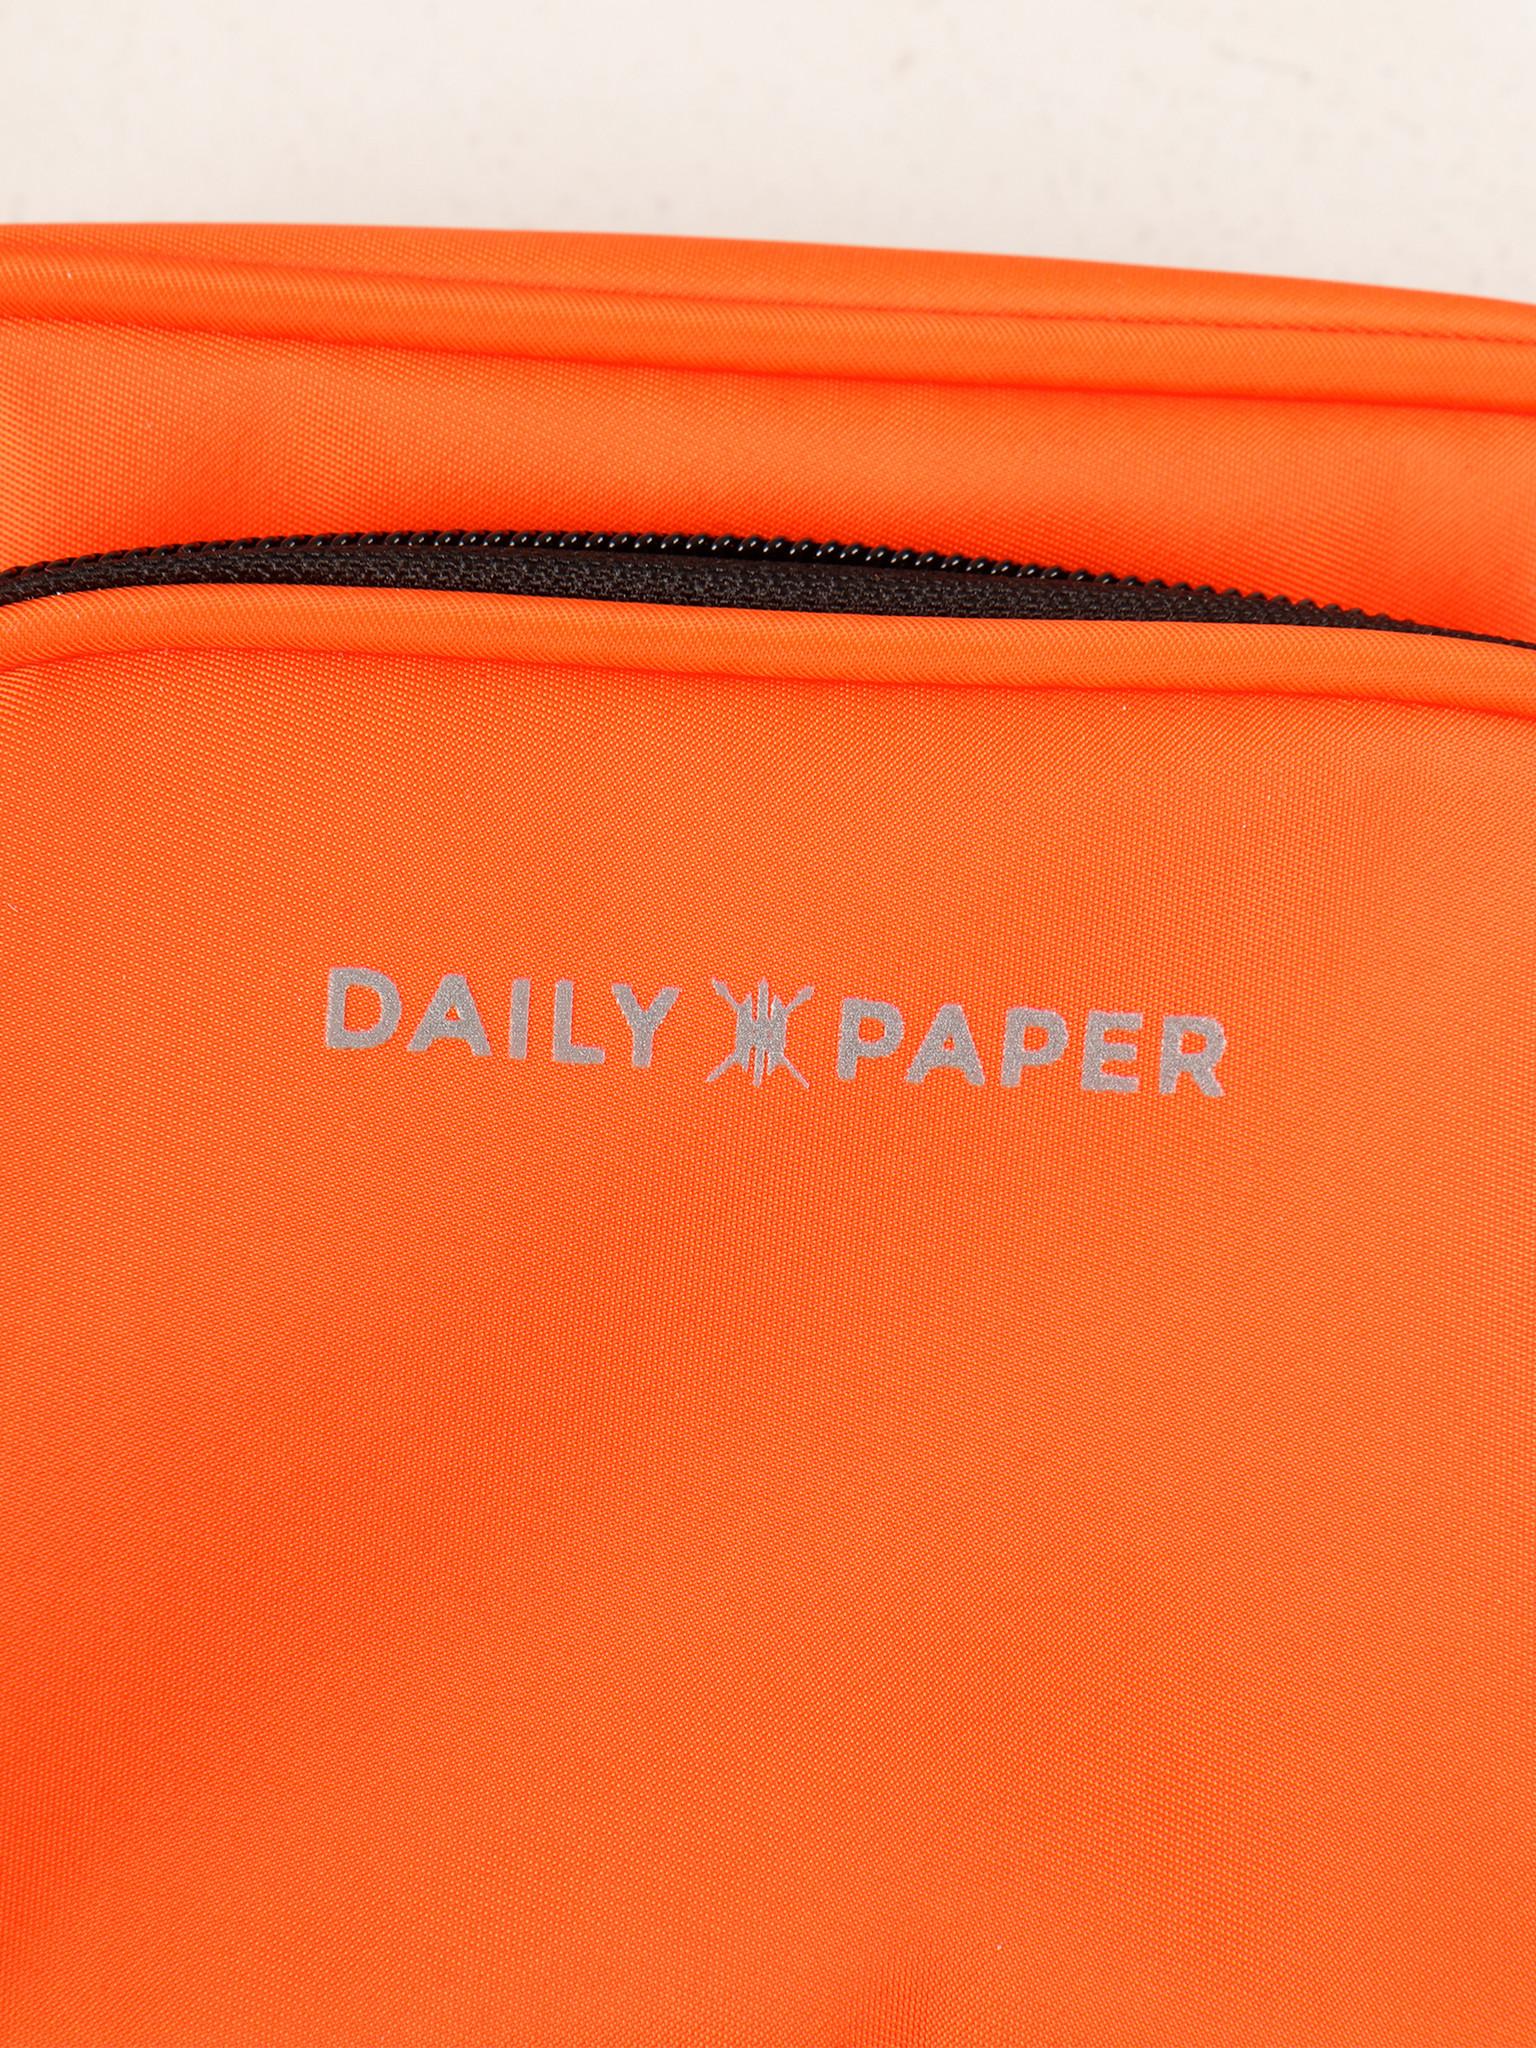 Daily Paper Daily Paper Hamea Orange 20S1AC18-02